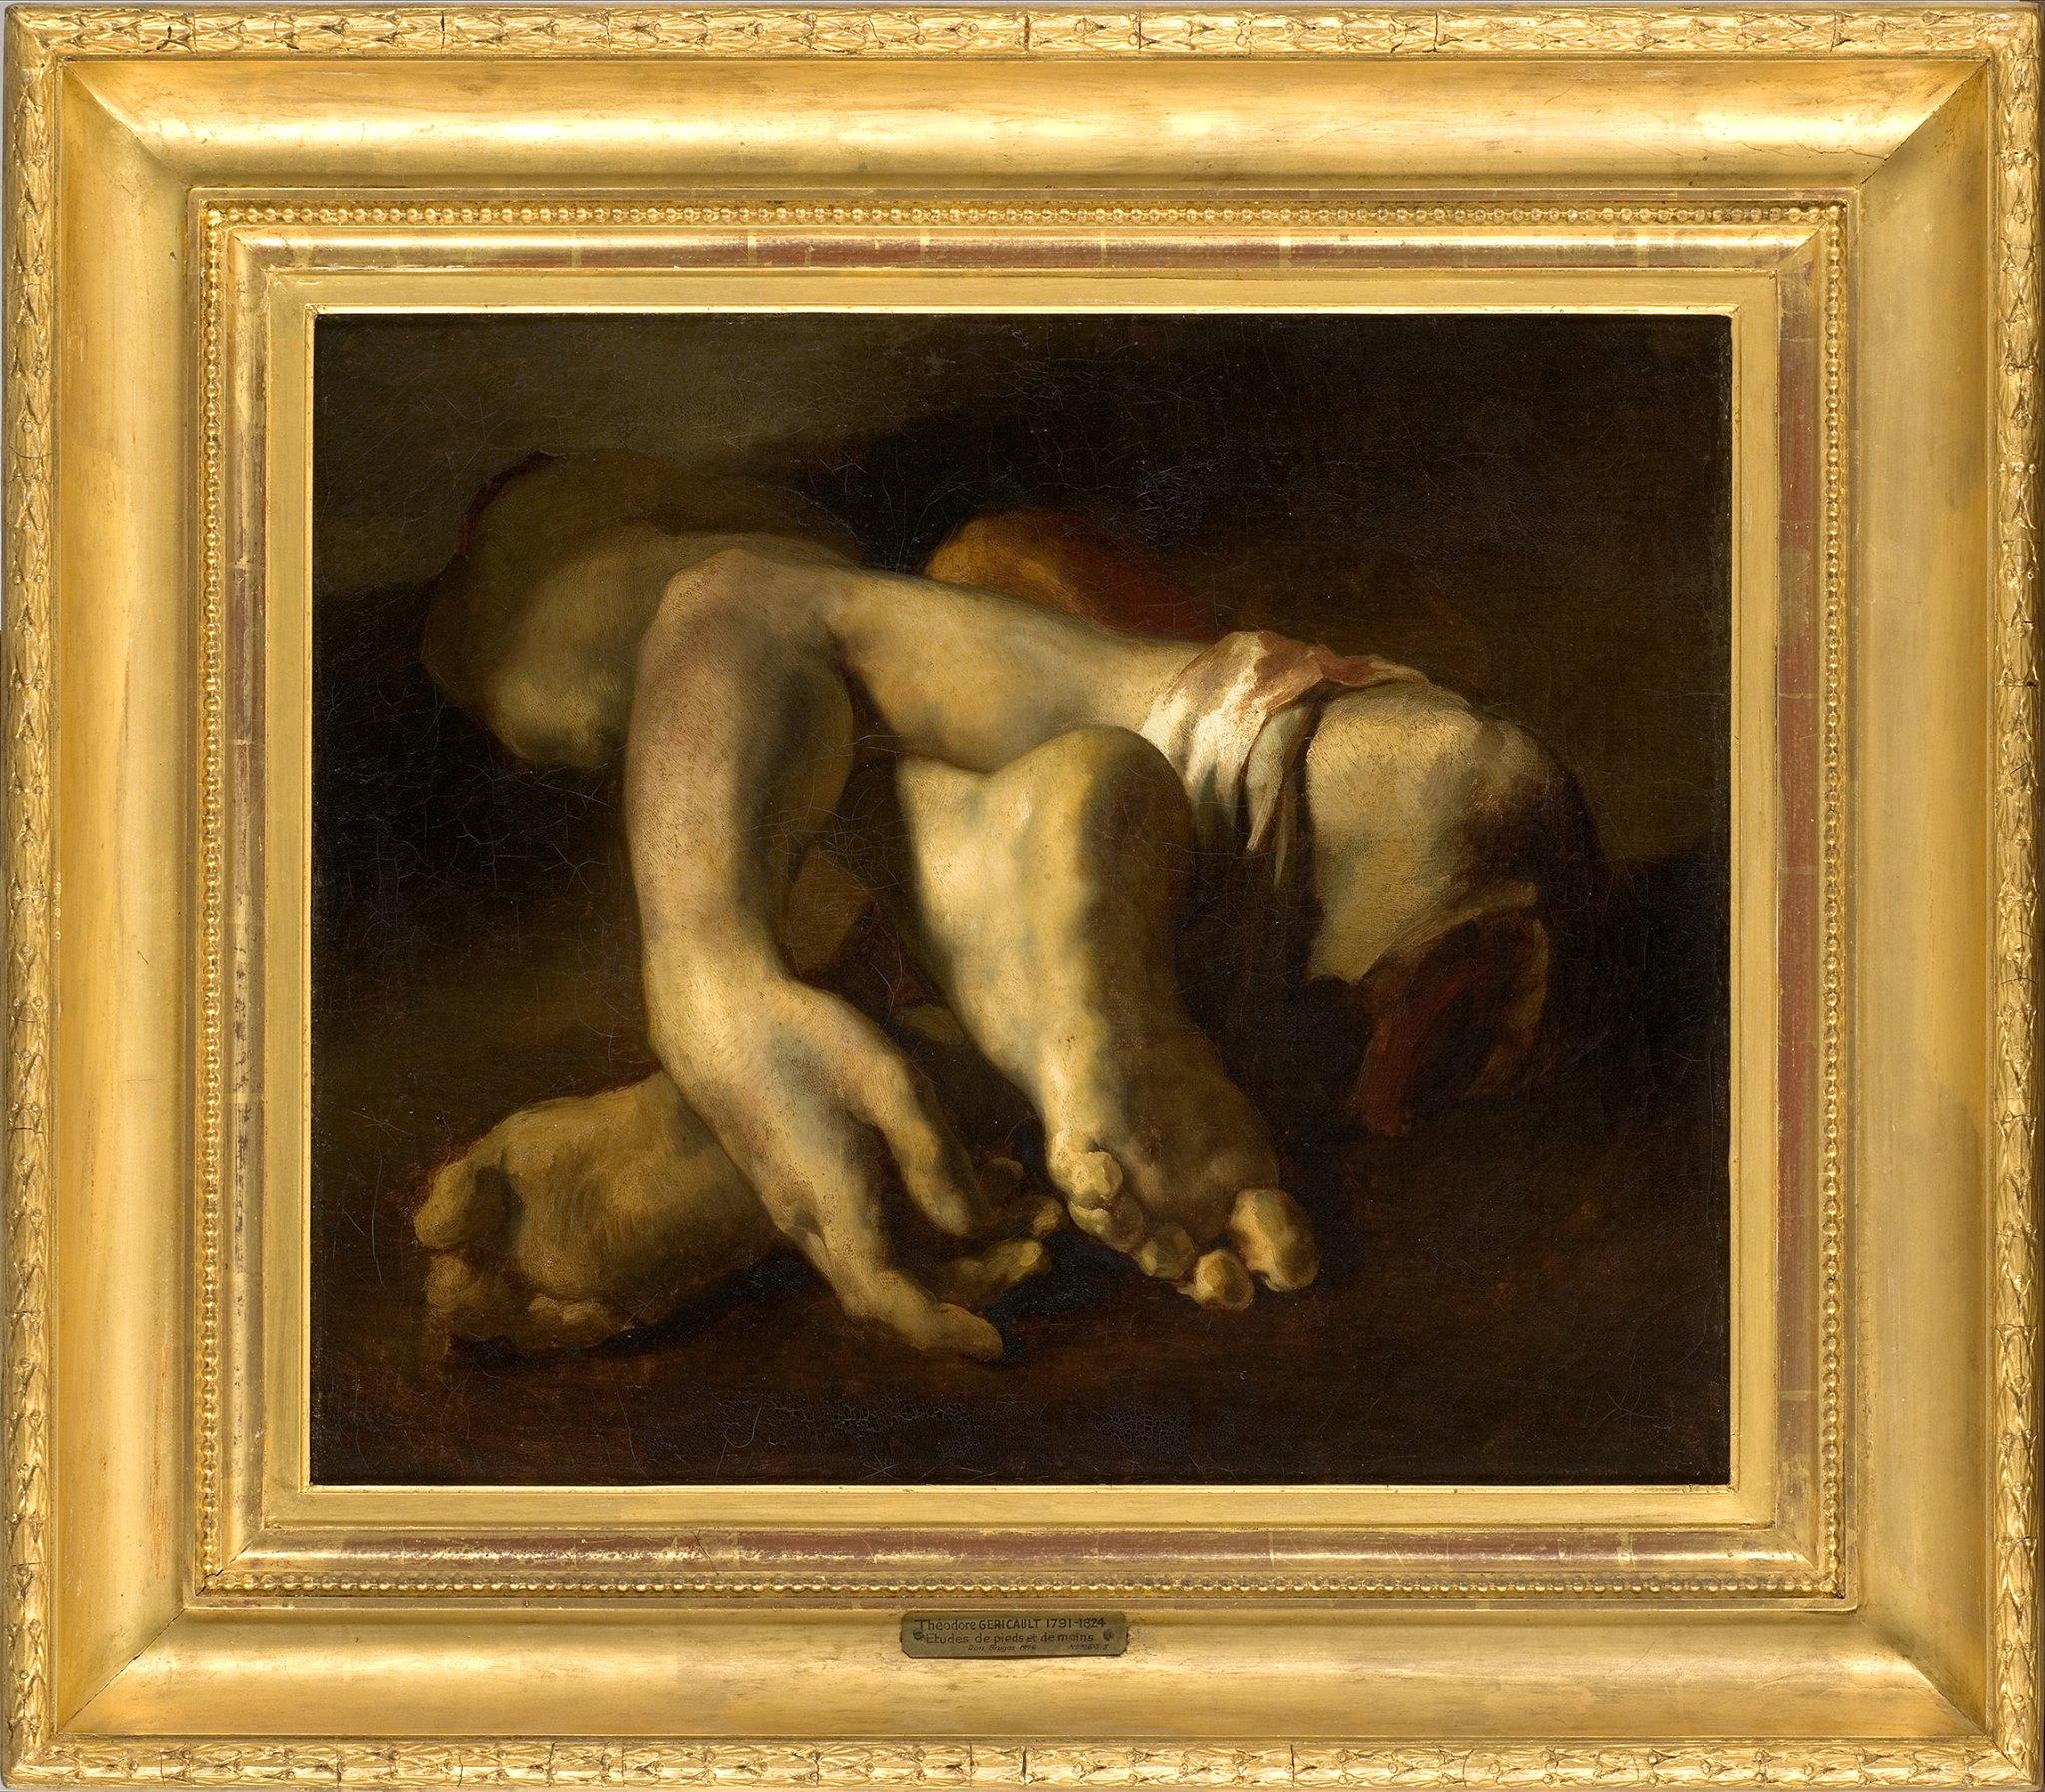 Théodore Géricault, Étude de pieds et de main, Huile sur toile, vers 1817 - 1819